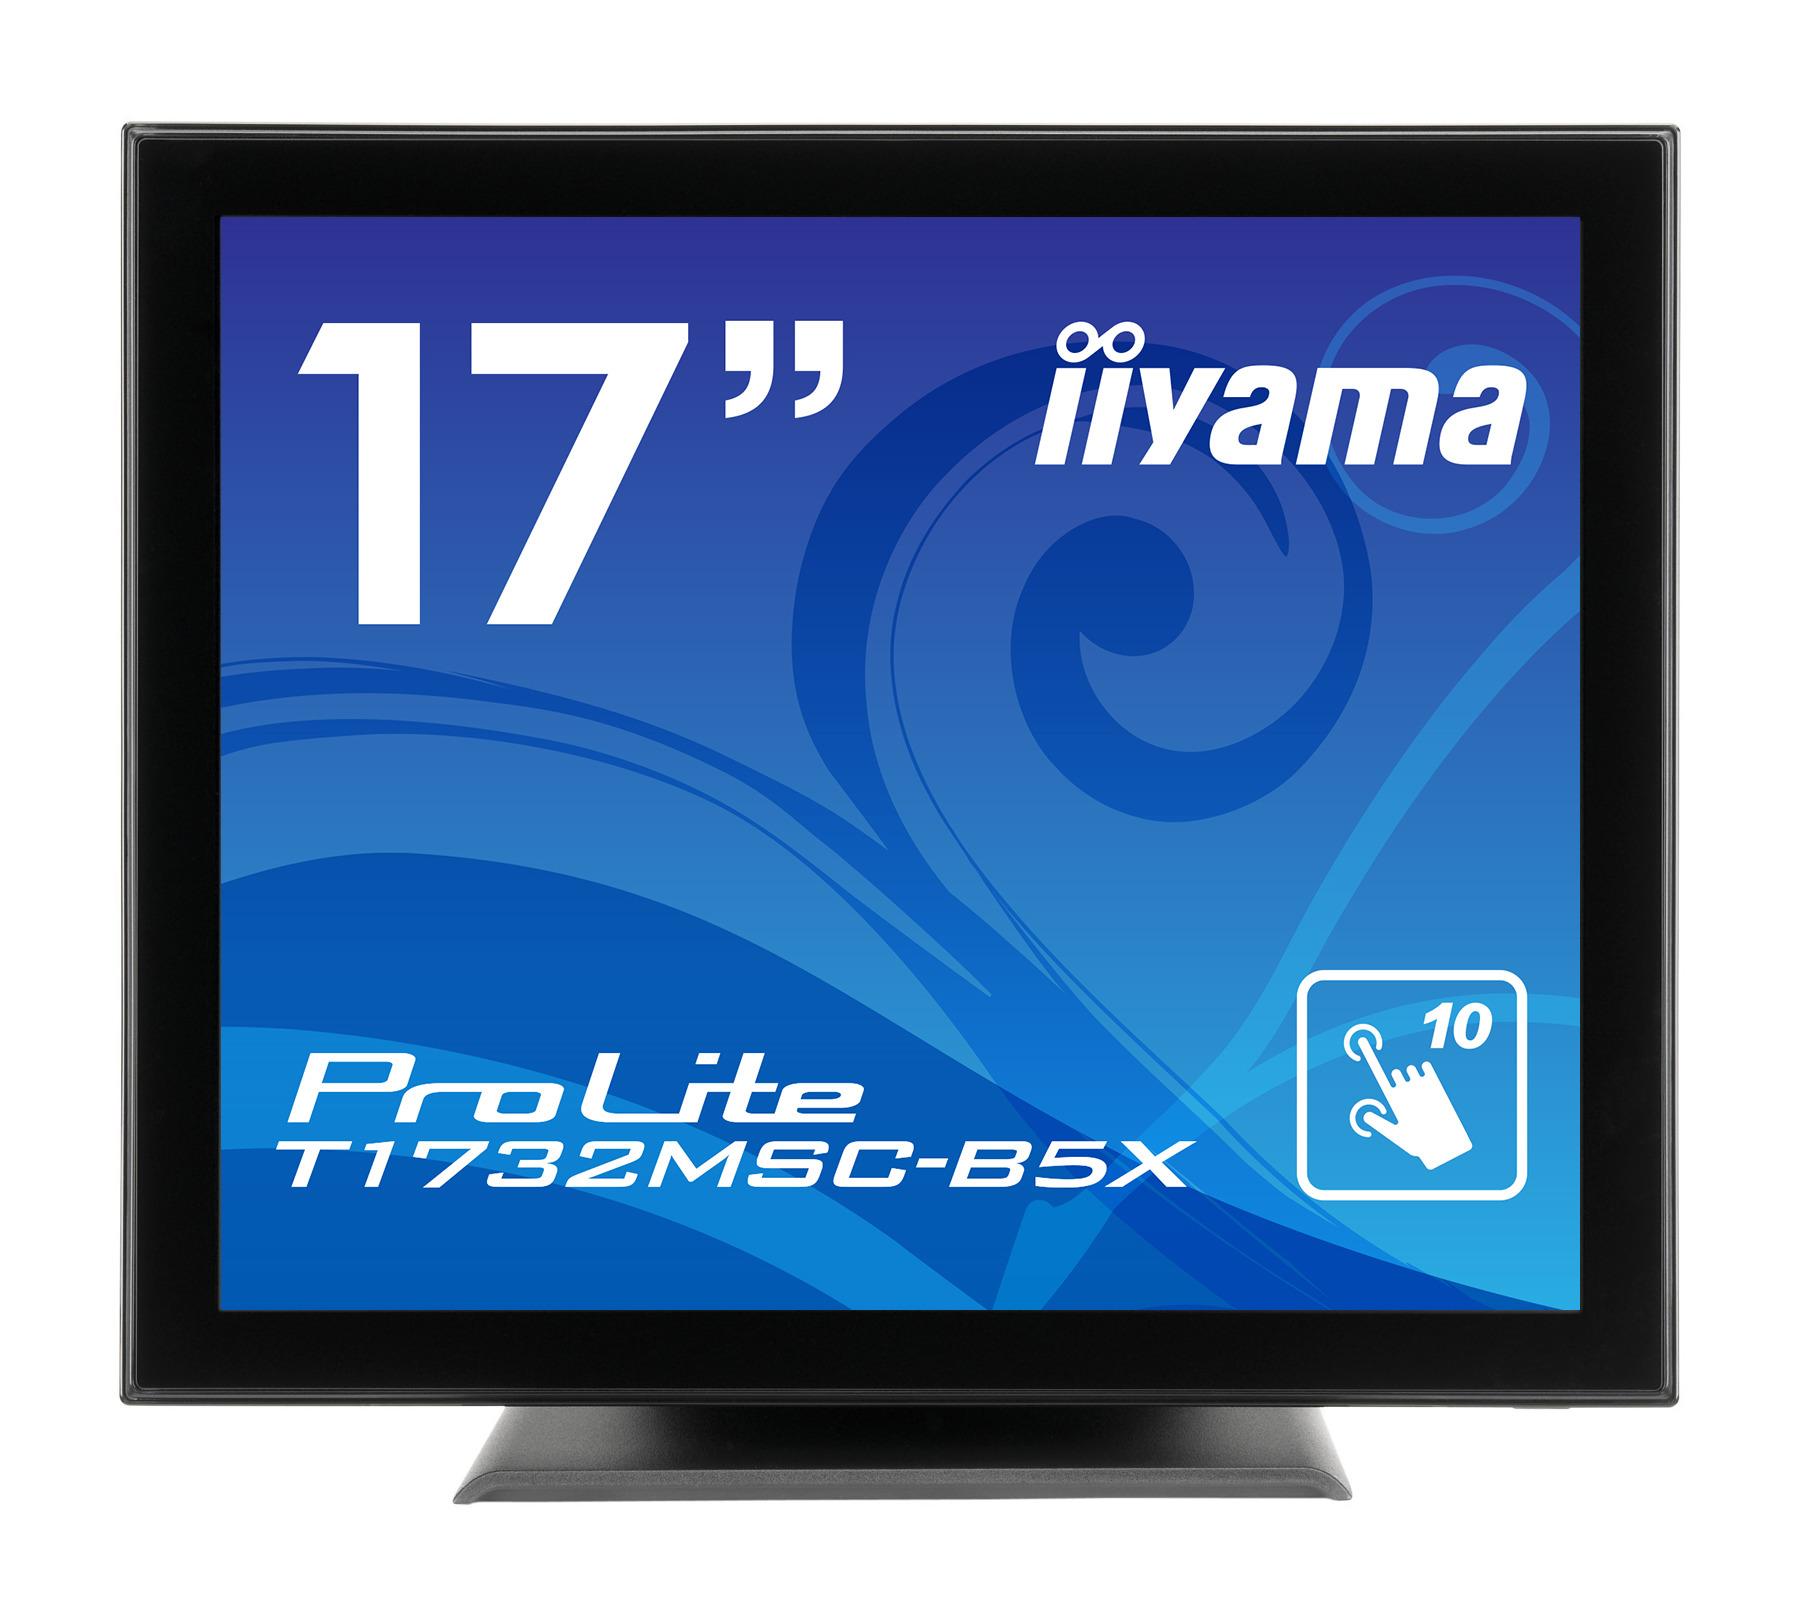 【新品/取寄品/代引不可】17型タッチパネル液晶ディスプレイ ProLite T1732MSC-B5X(投影型静電容量方式/SXGA/D-SUB/HDMI/DP) マーベルブラック T1732MSC-B5X